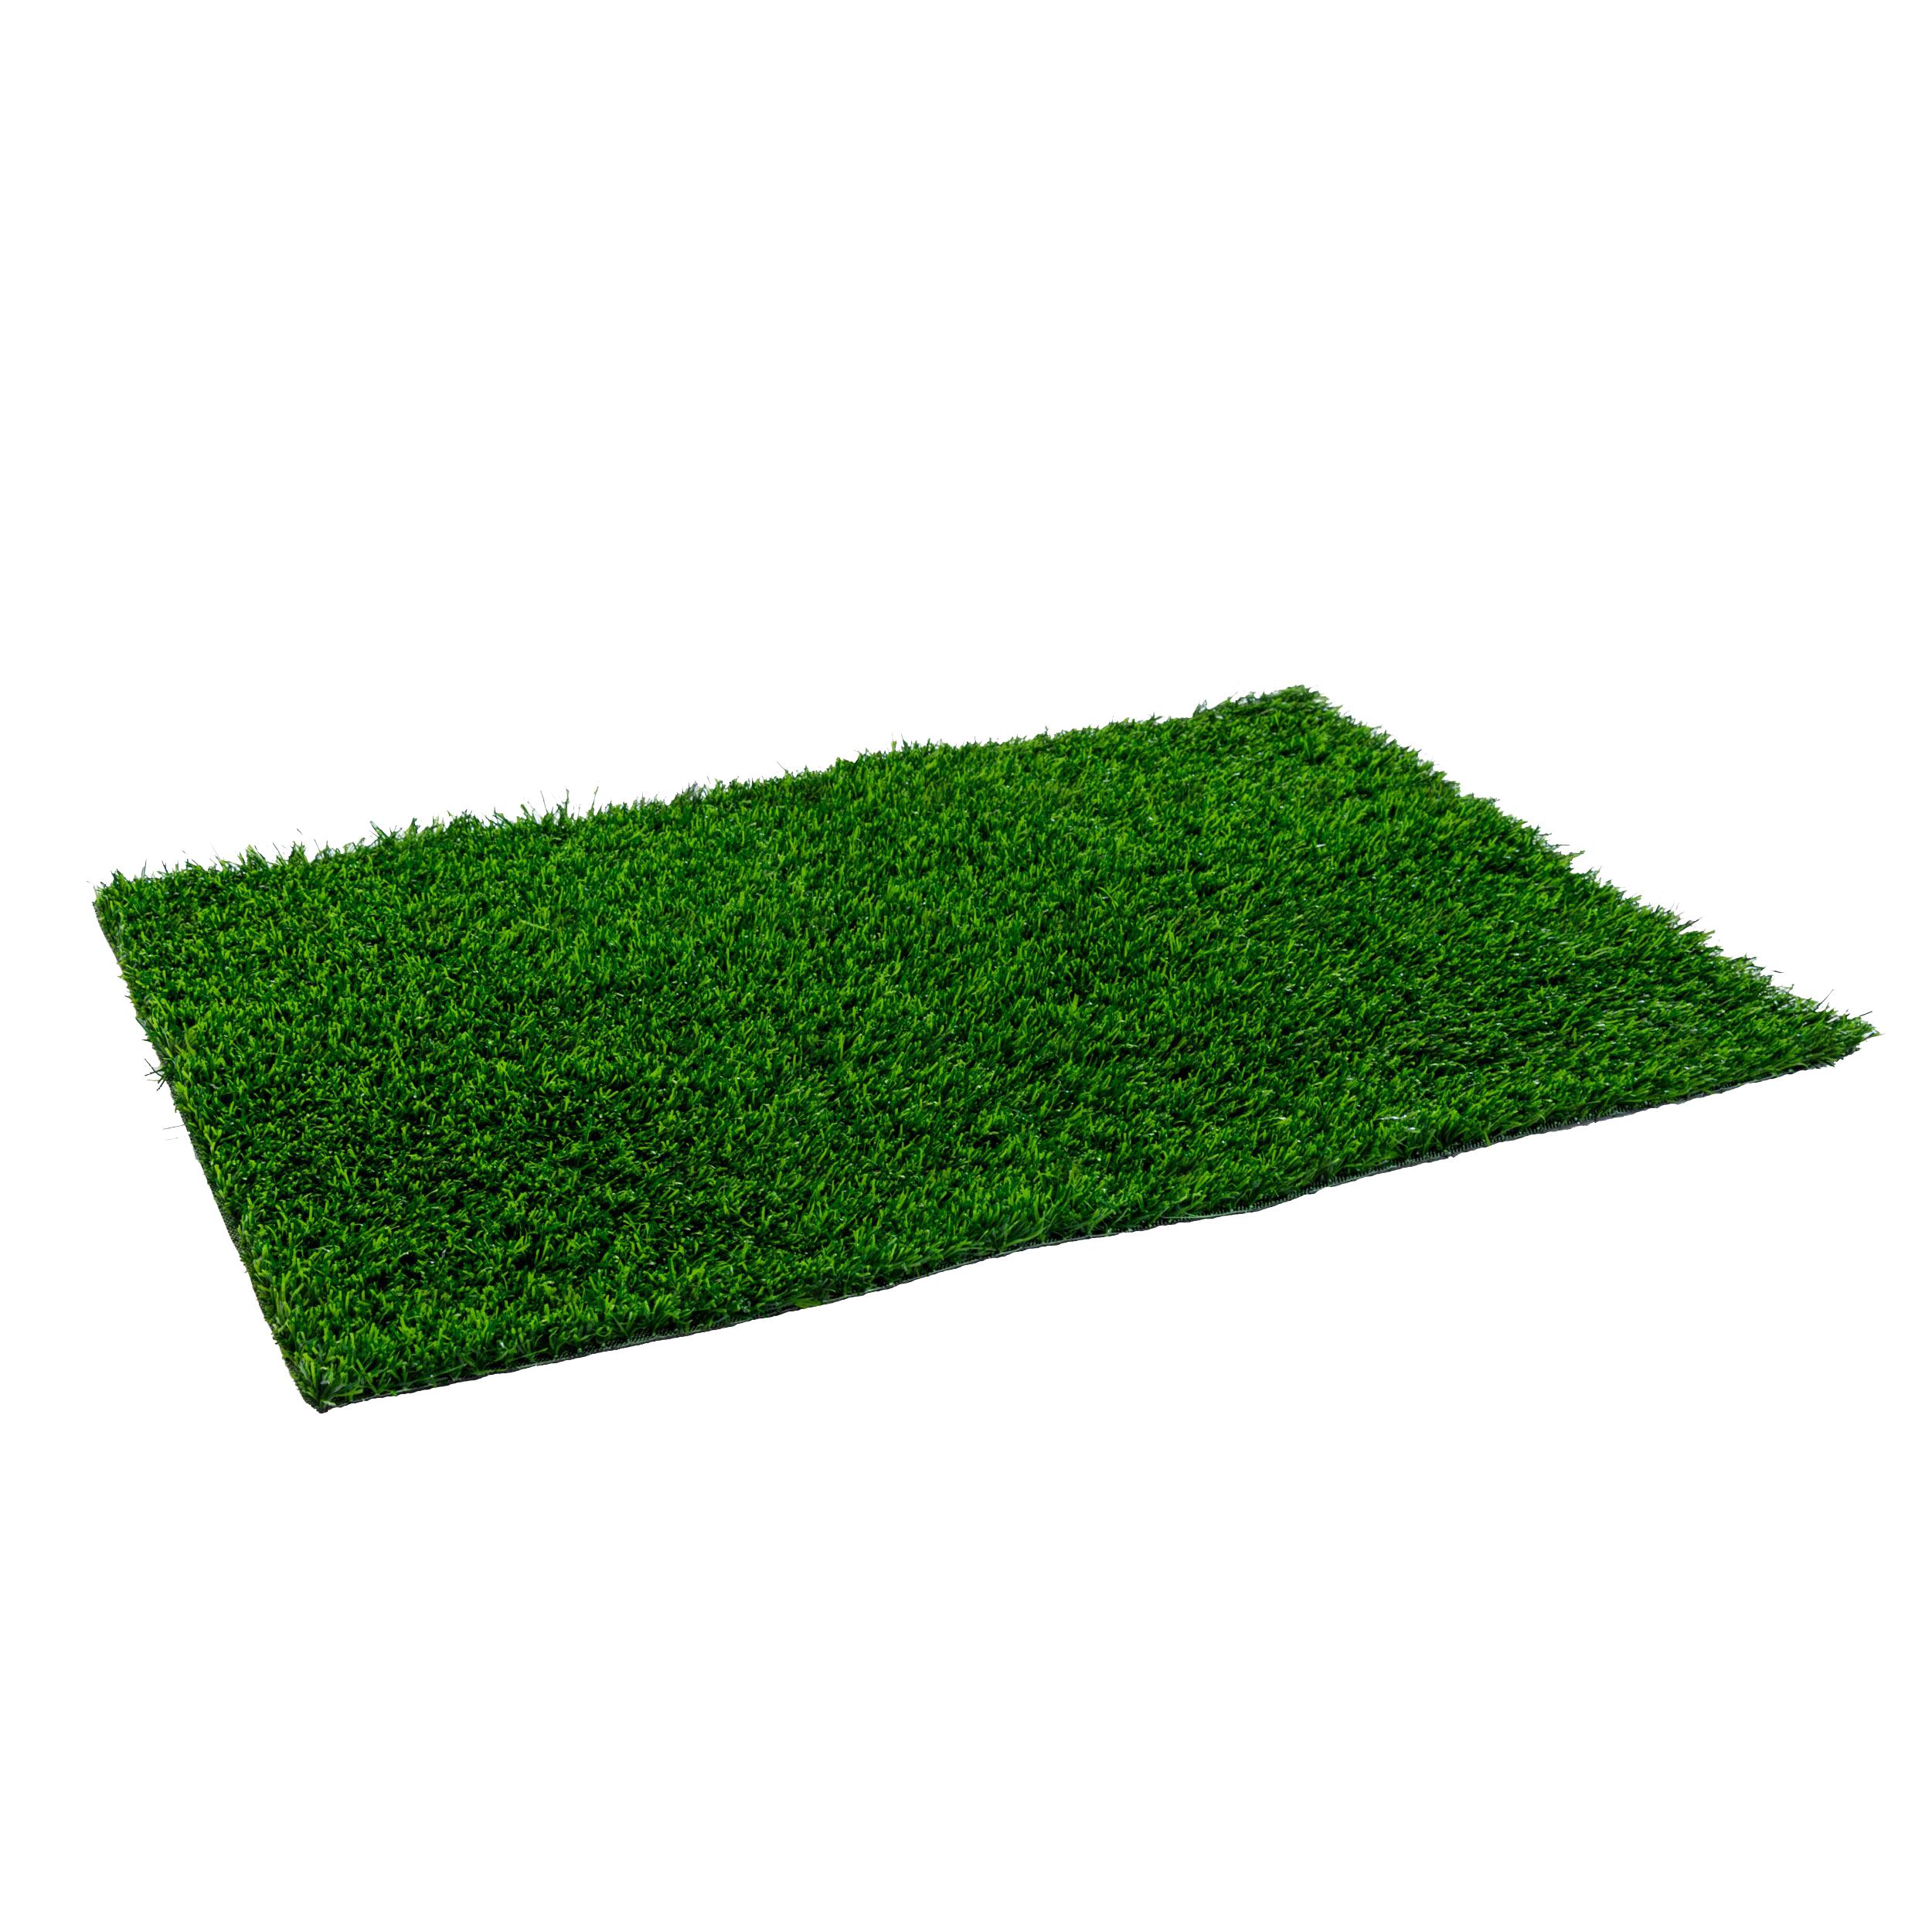 چمن مصنوعی مدل بهار سایز 2 × 2 متر